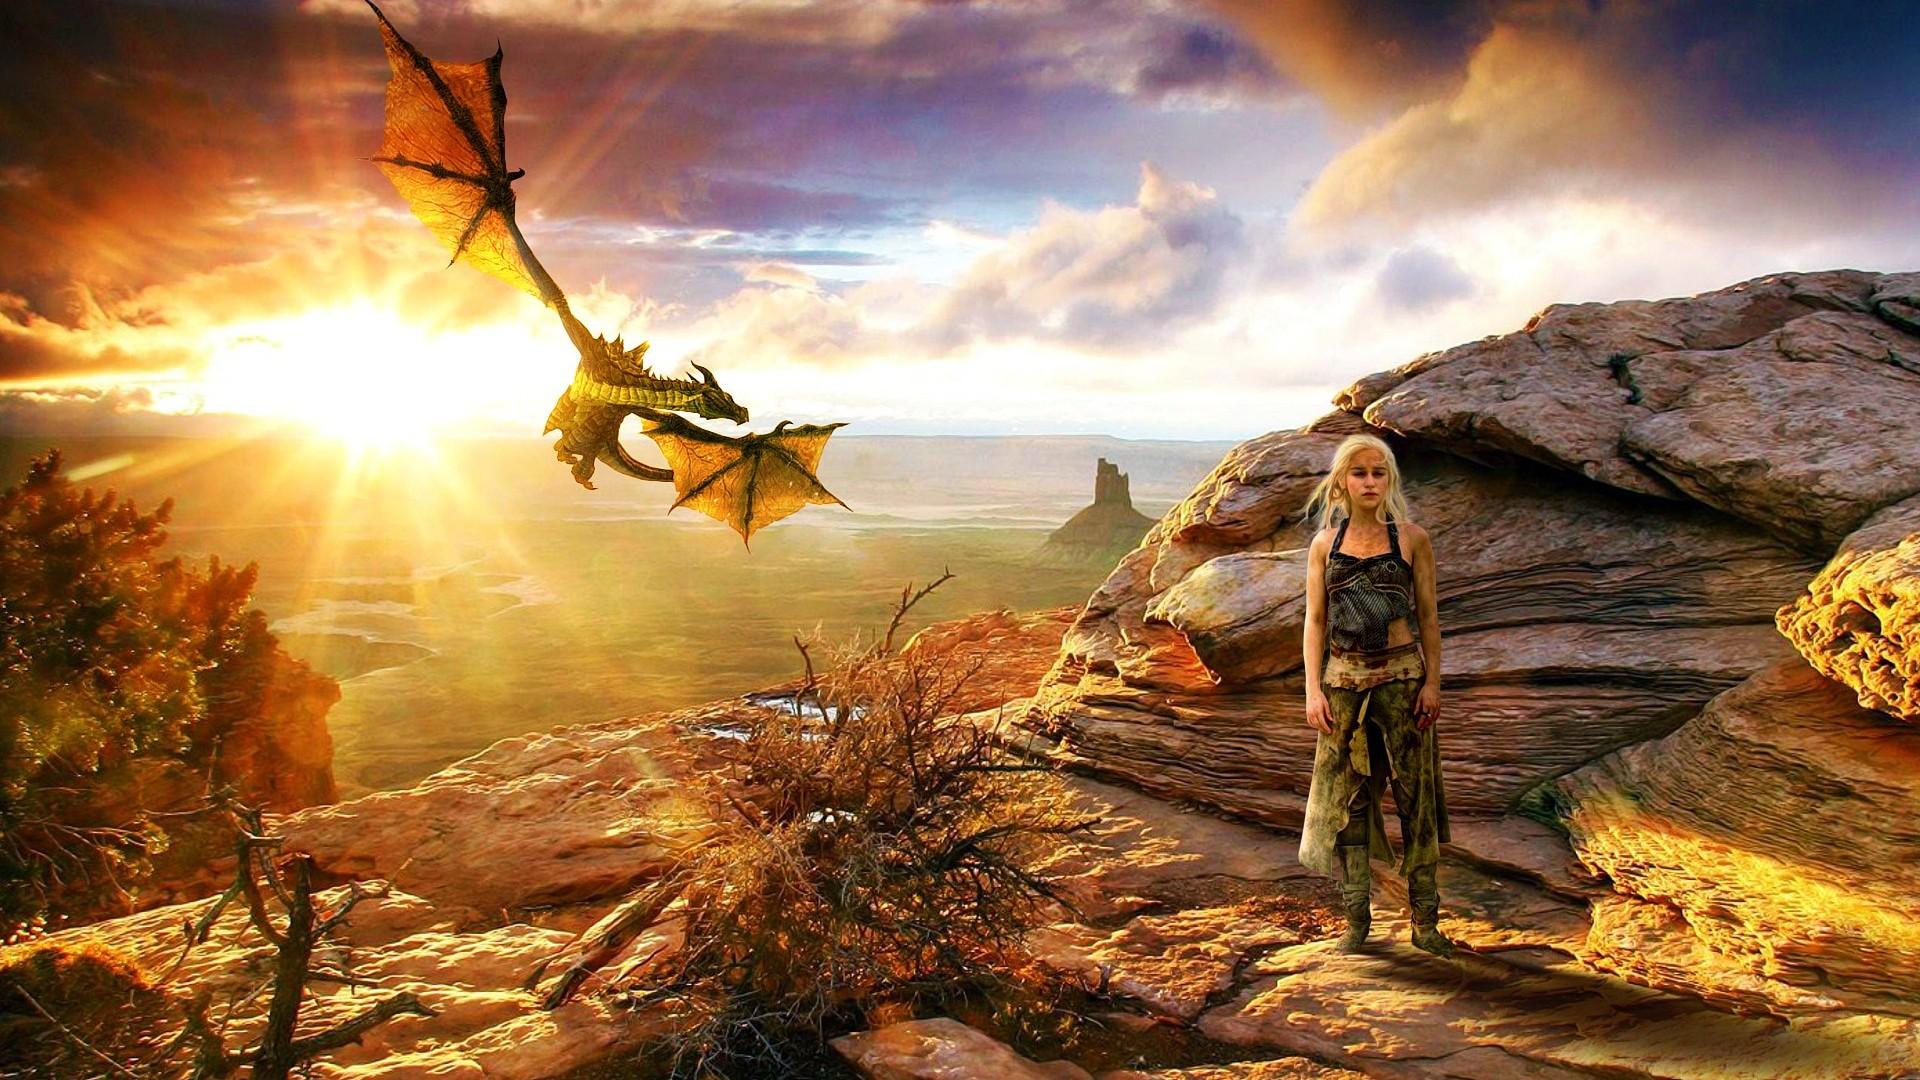 Emilia Clarke - Daenerys Targaryen 1920x1080.jpg